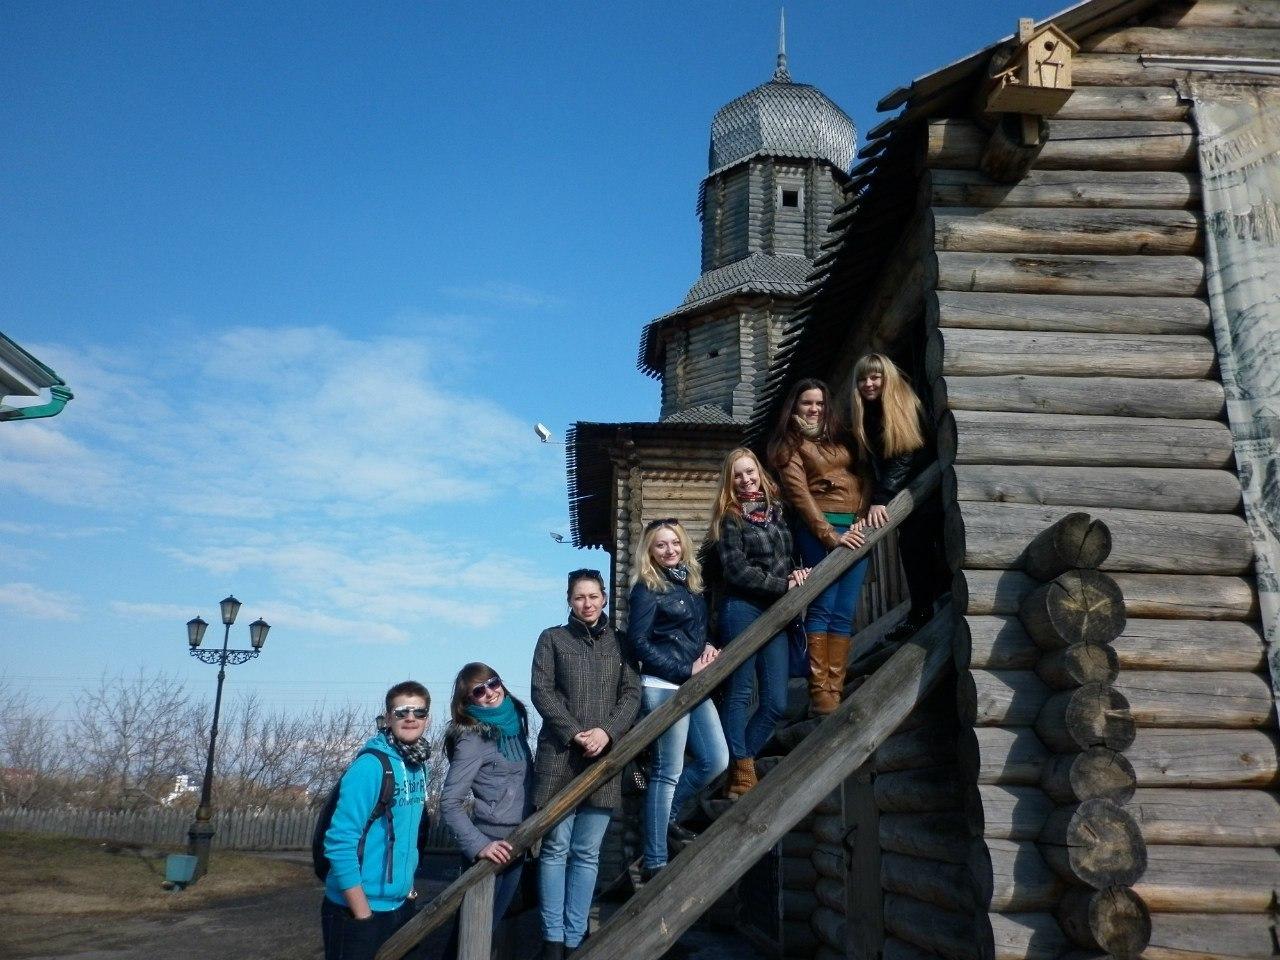 С17 по24 апреля ТУСУР посетила делегация из7 студентов социально-психологического факультета Кемеровского государственного университета